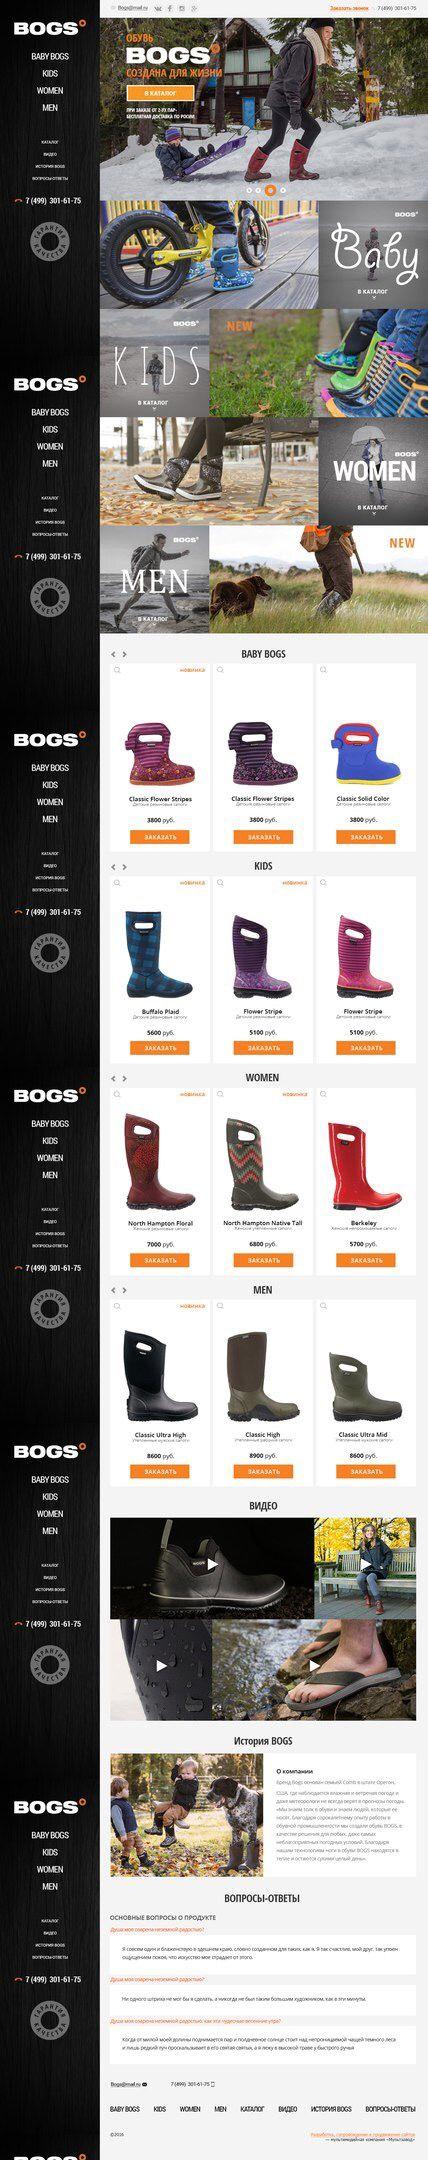 Интернет-магазин обуви #мультзавод #сайт #дизайн #разработкасайта #вебстудия #web